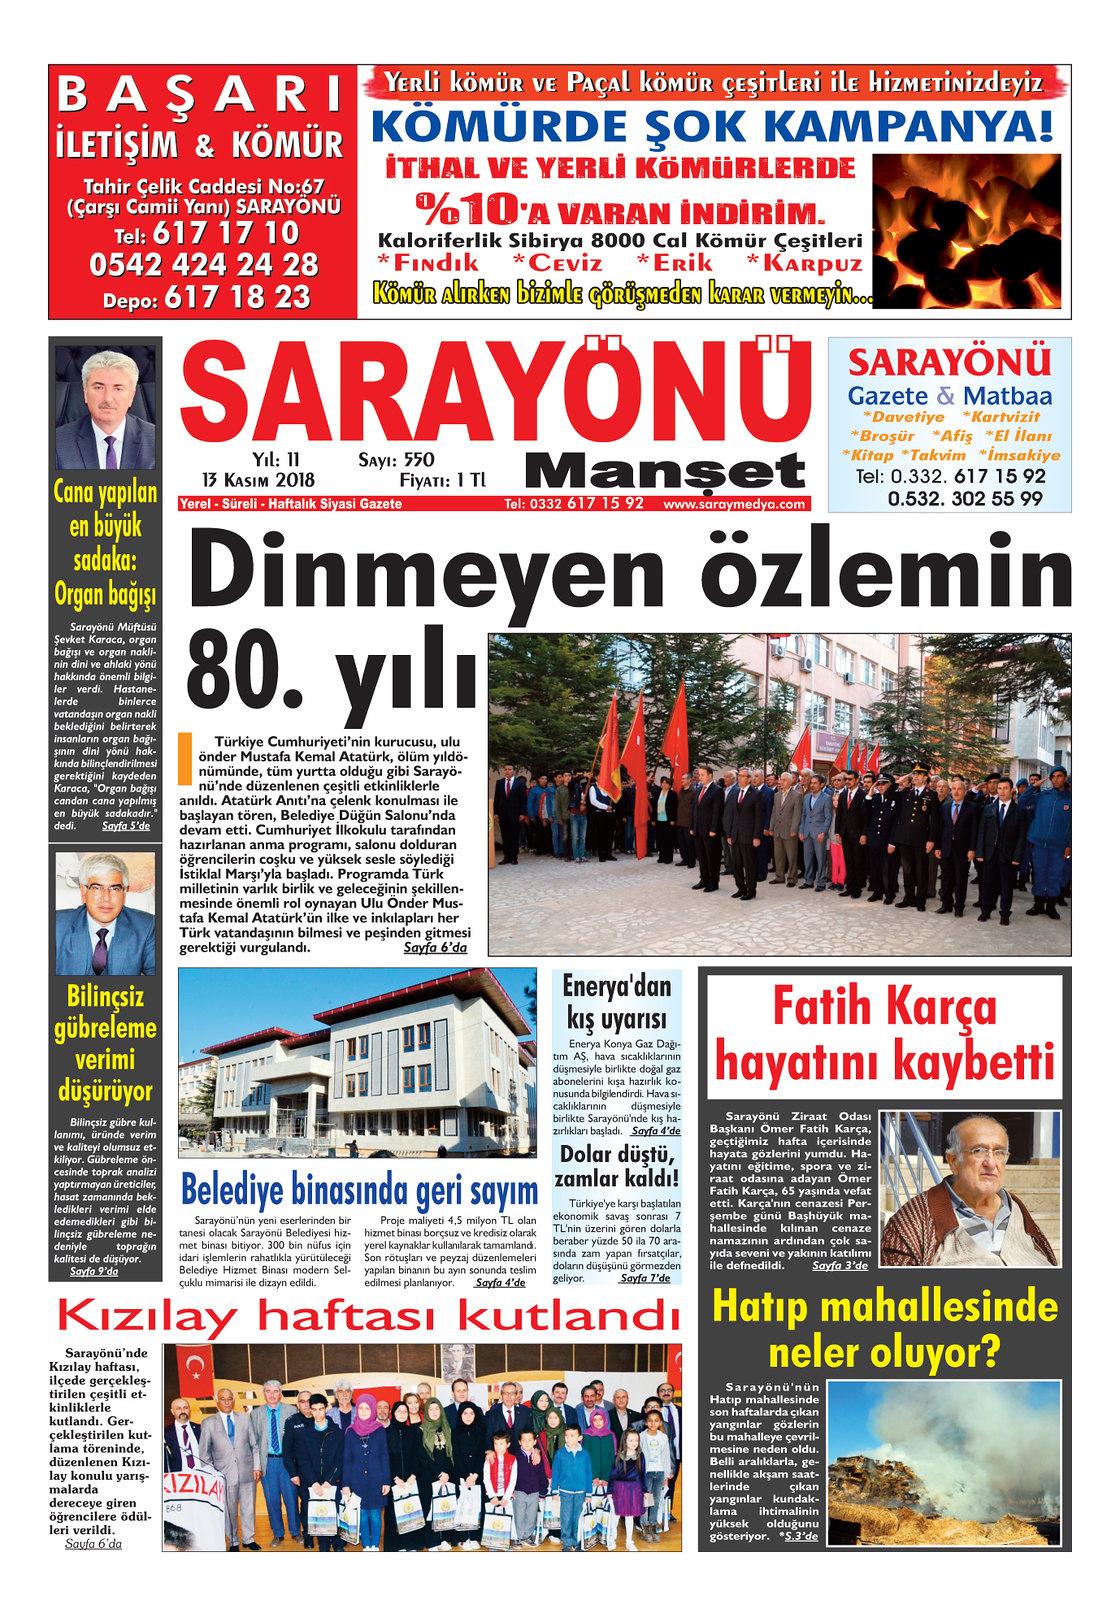 Sarayönü Manşet